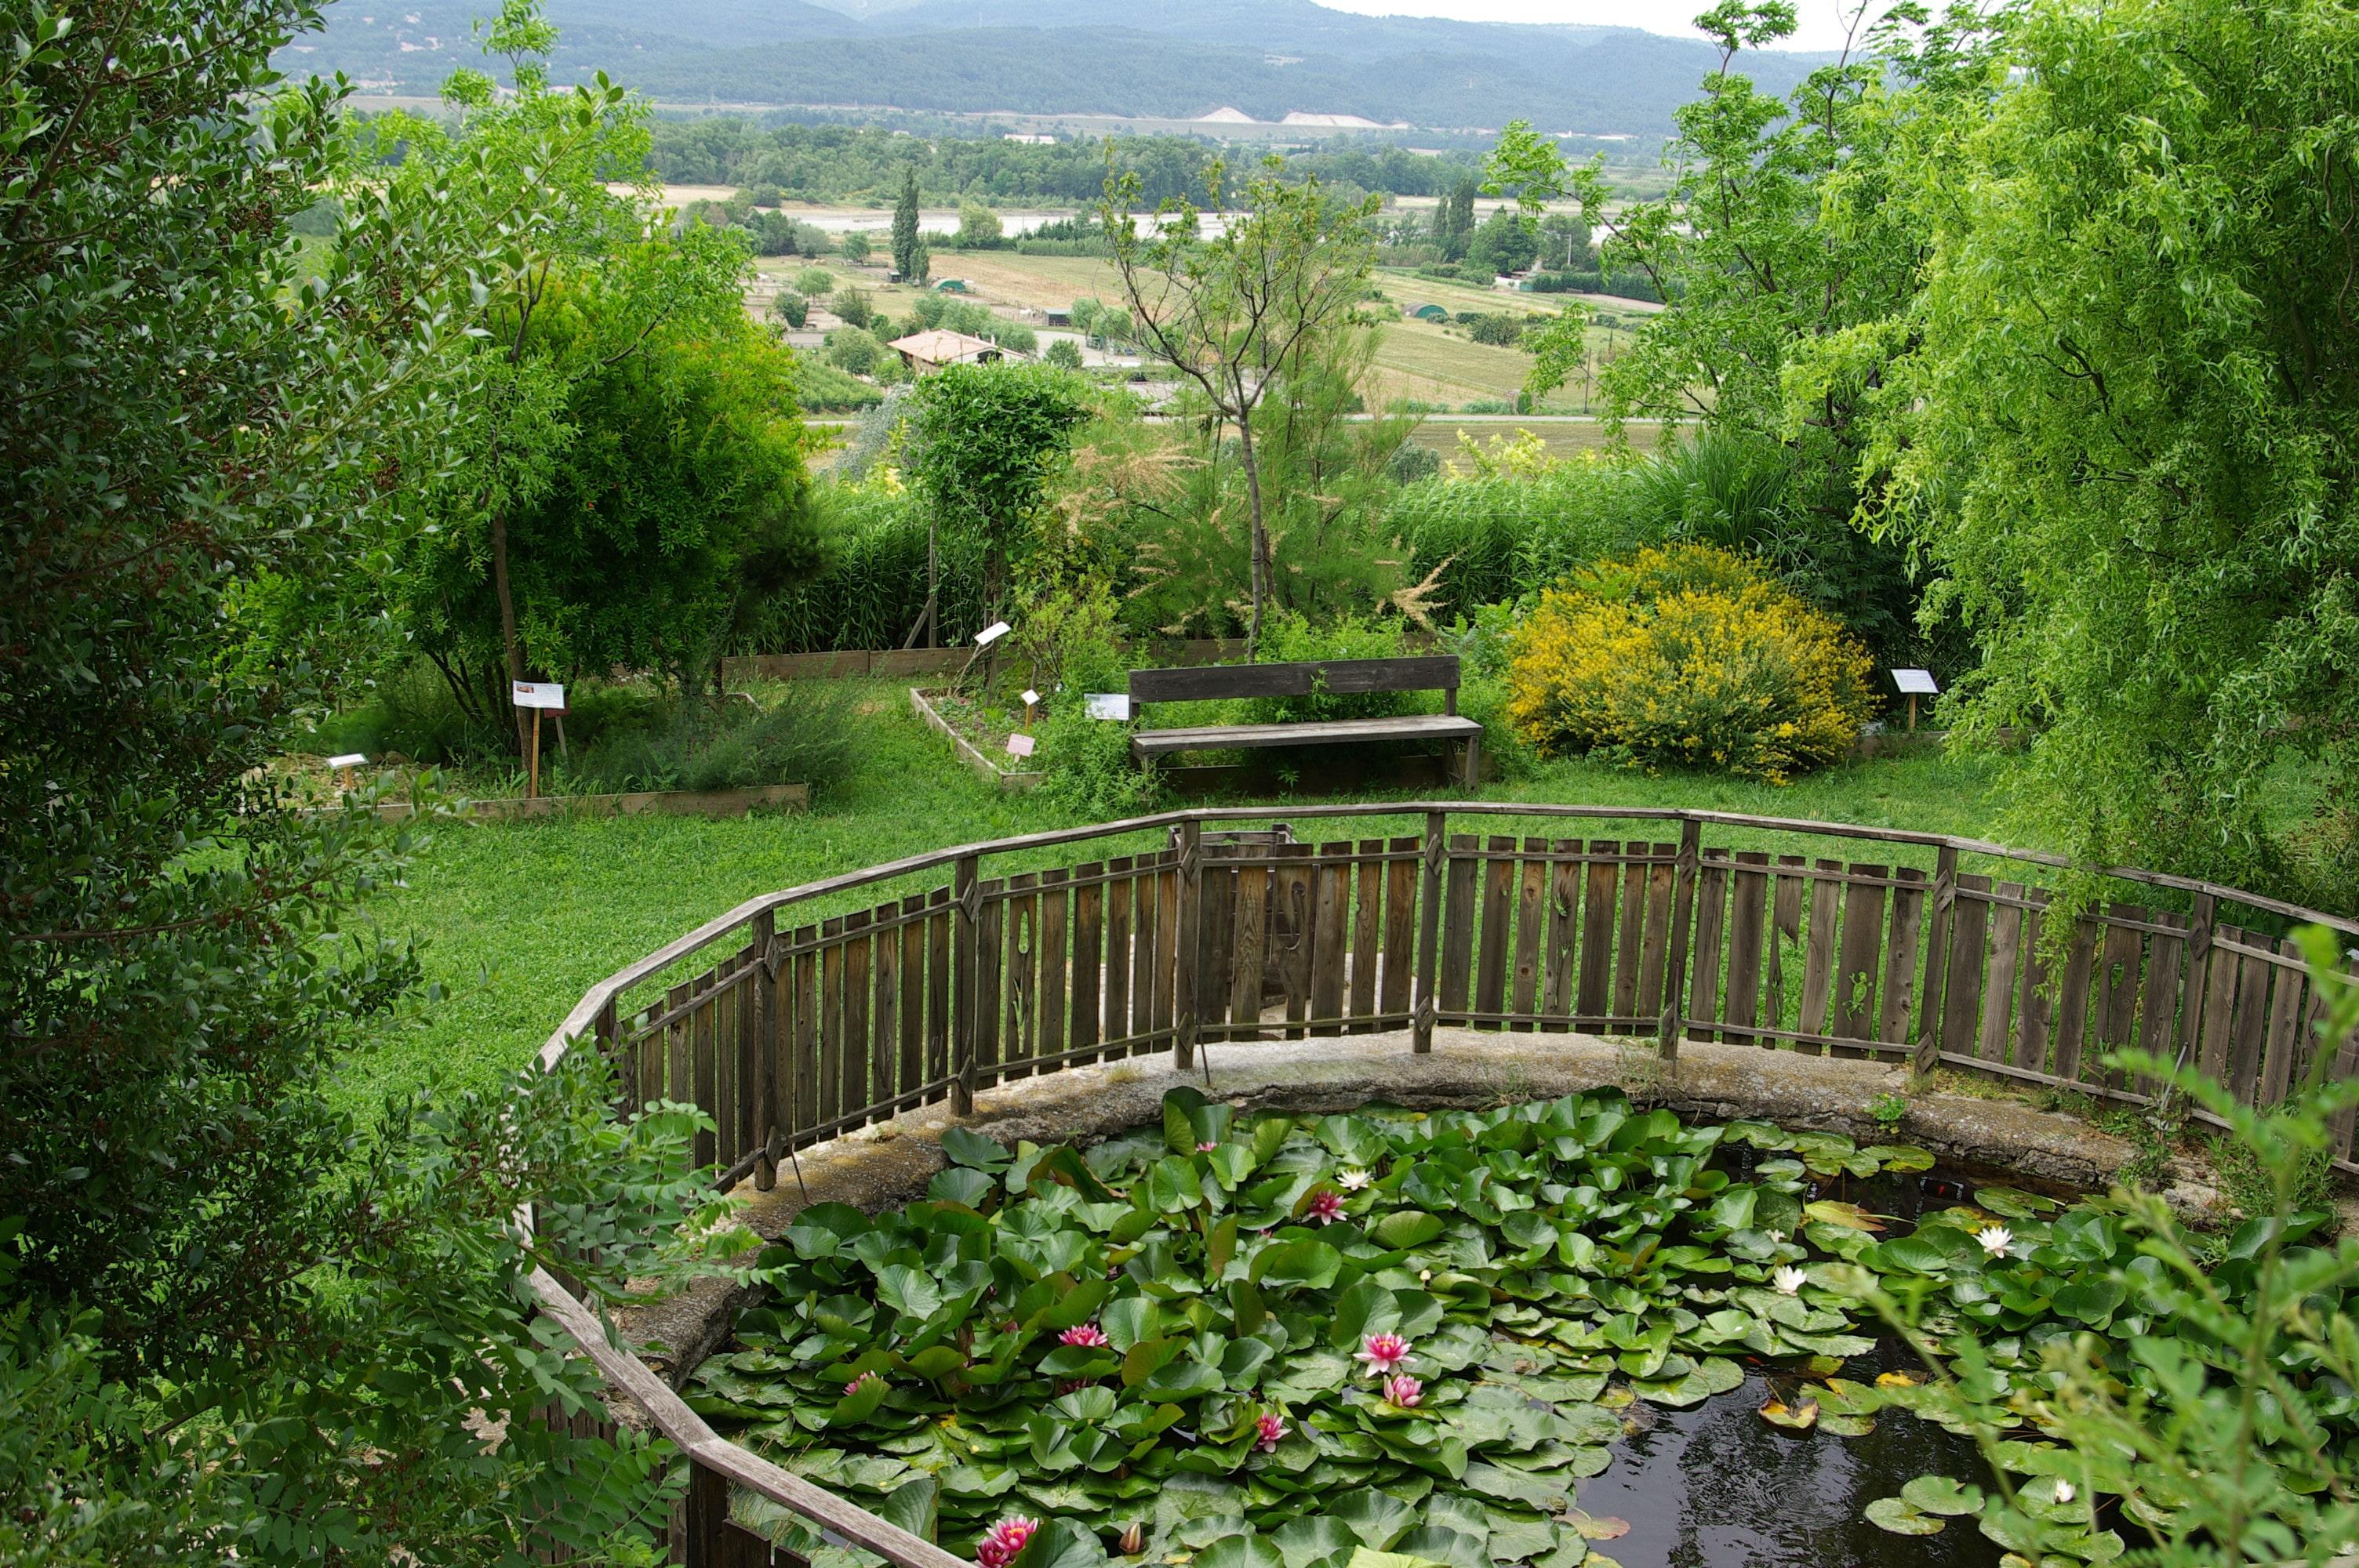 Bassin rond parcs et jardins paca for Bassin rond pour jardin